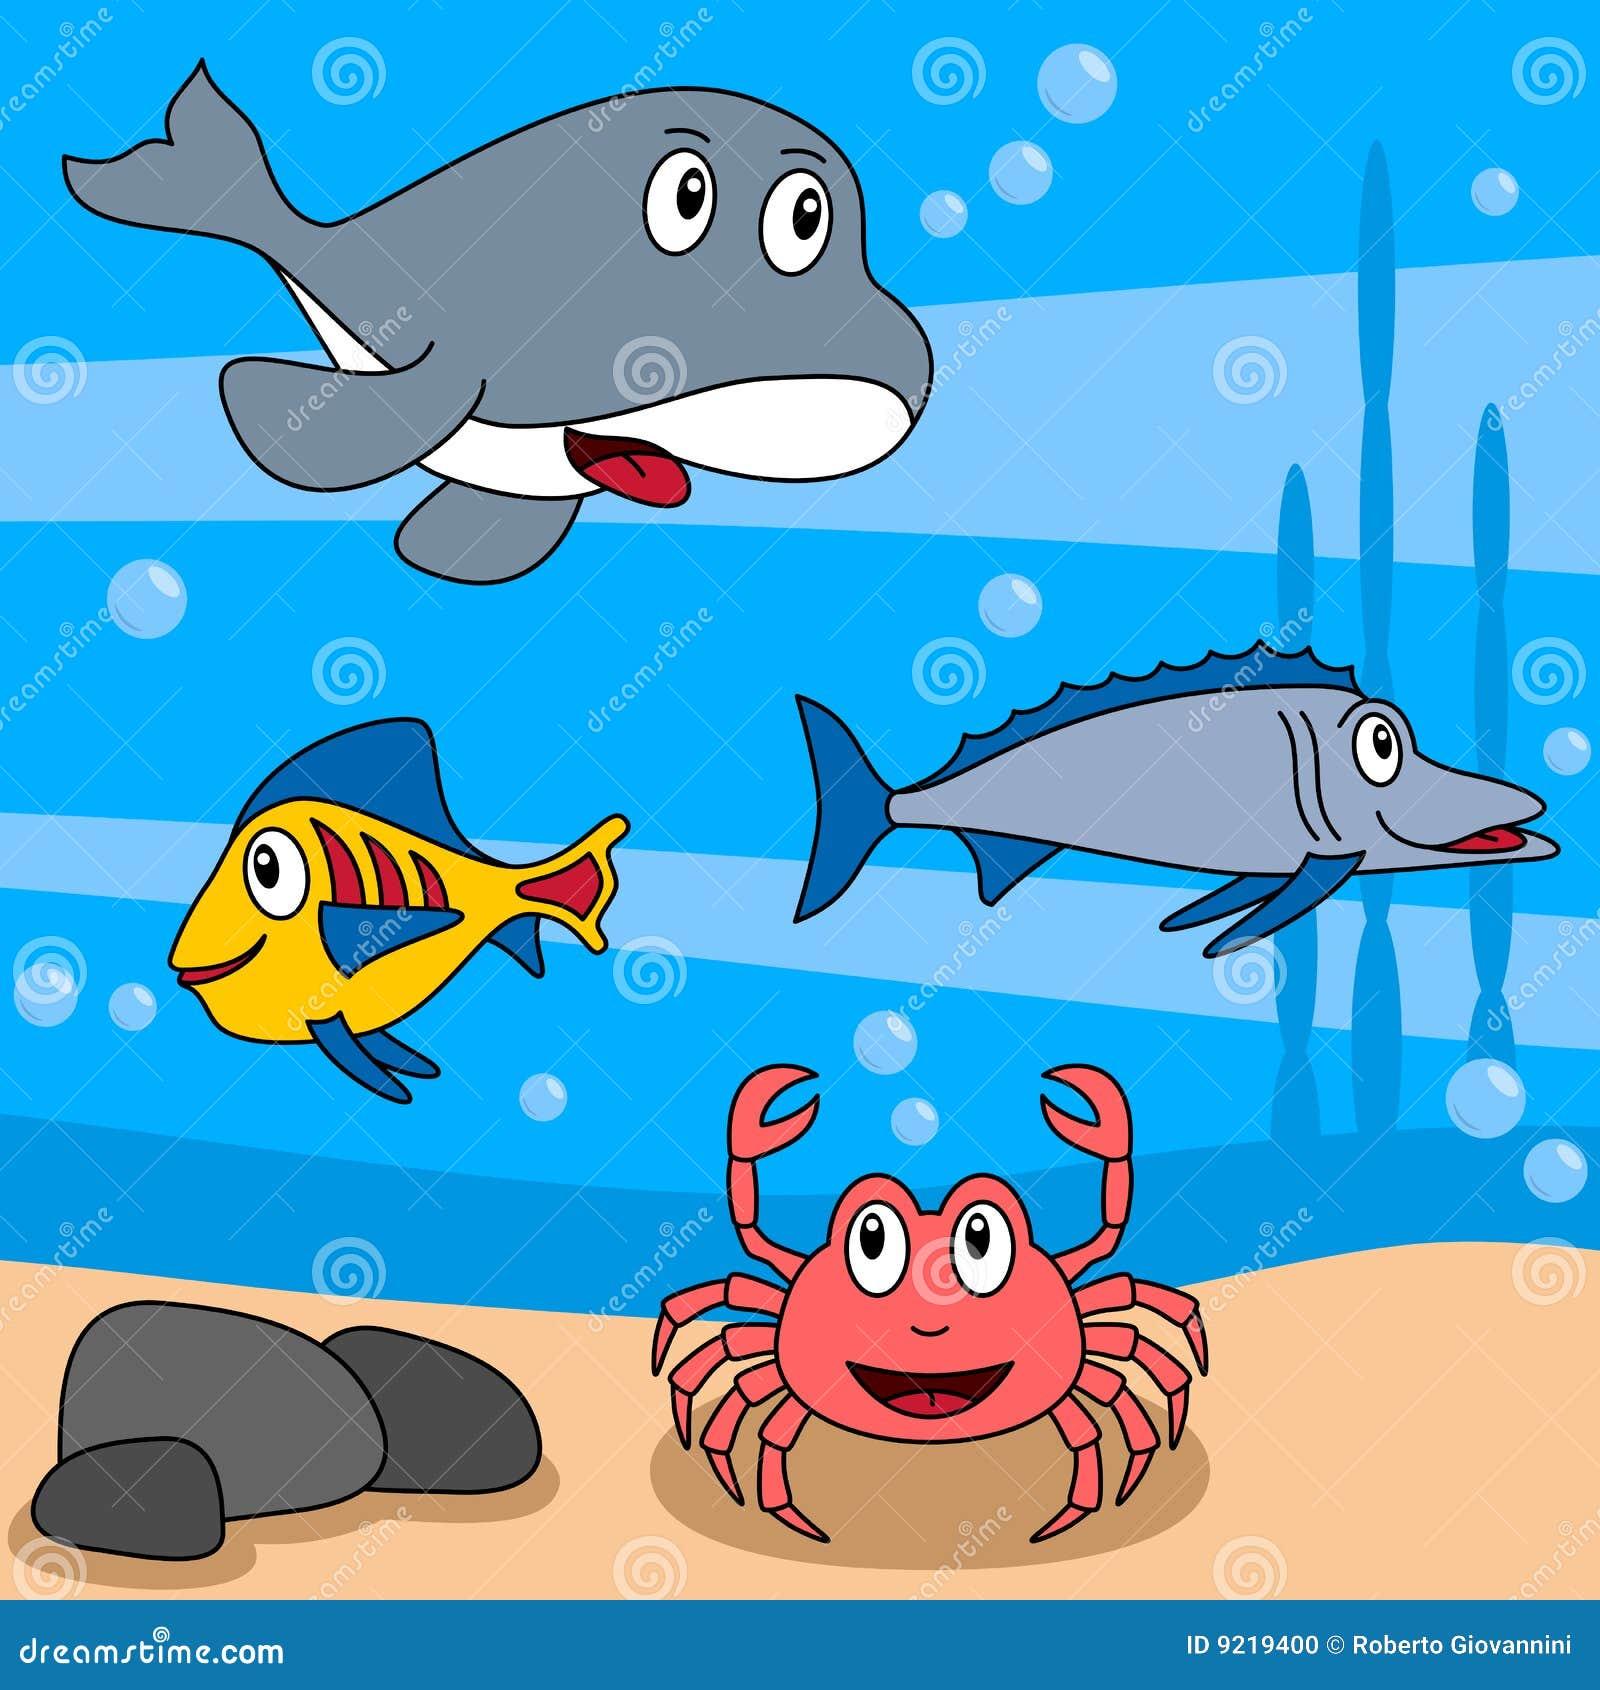 片螃蟹eps文件完全钓鱼四个水下滑稽的例证生活海洋海怪场面的第三二.图片